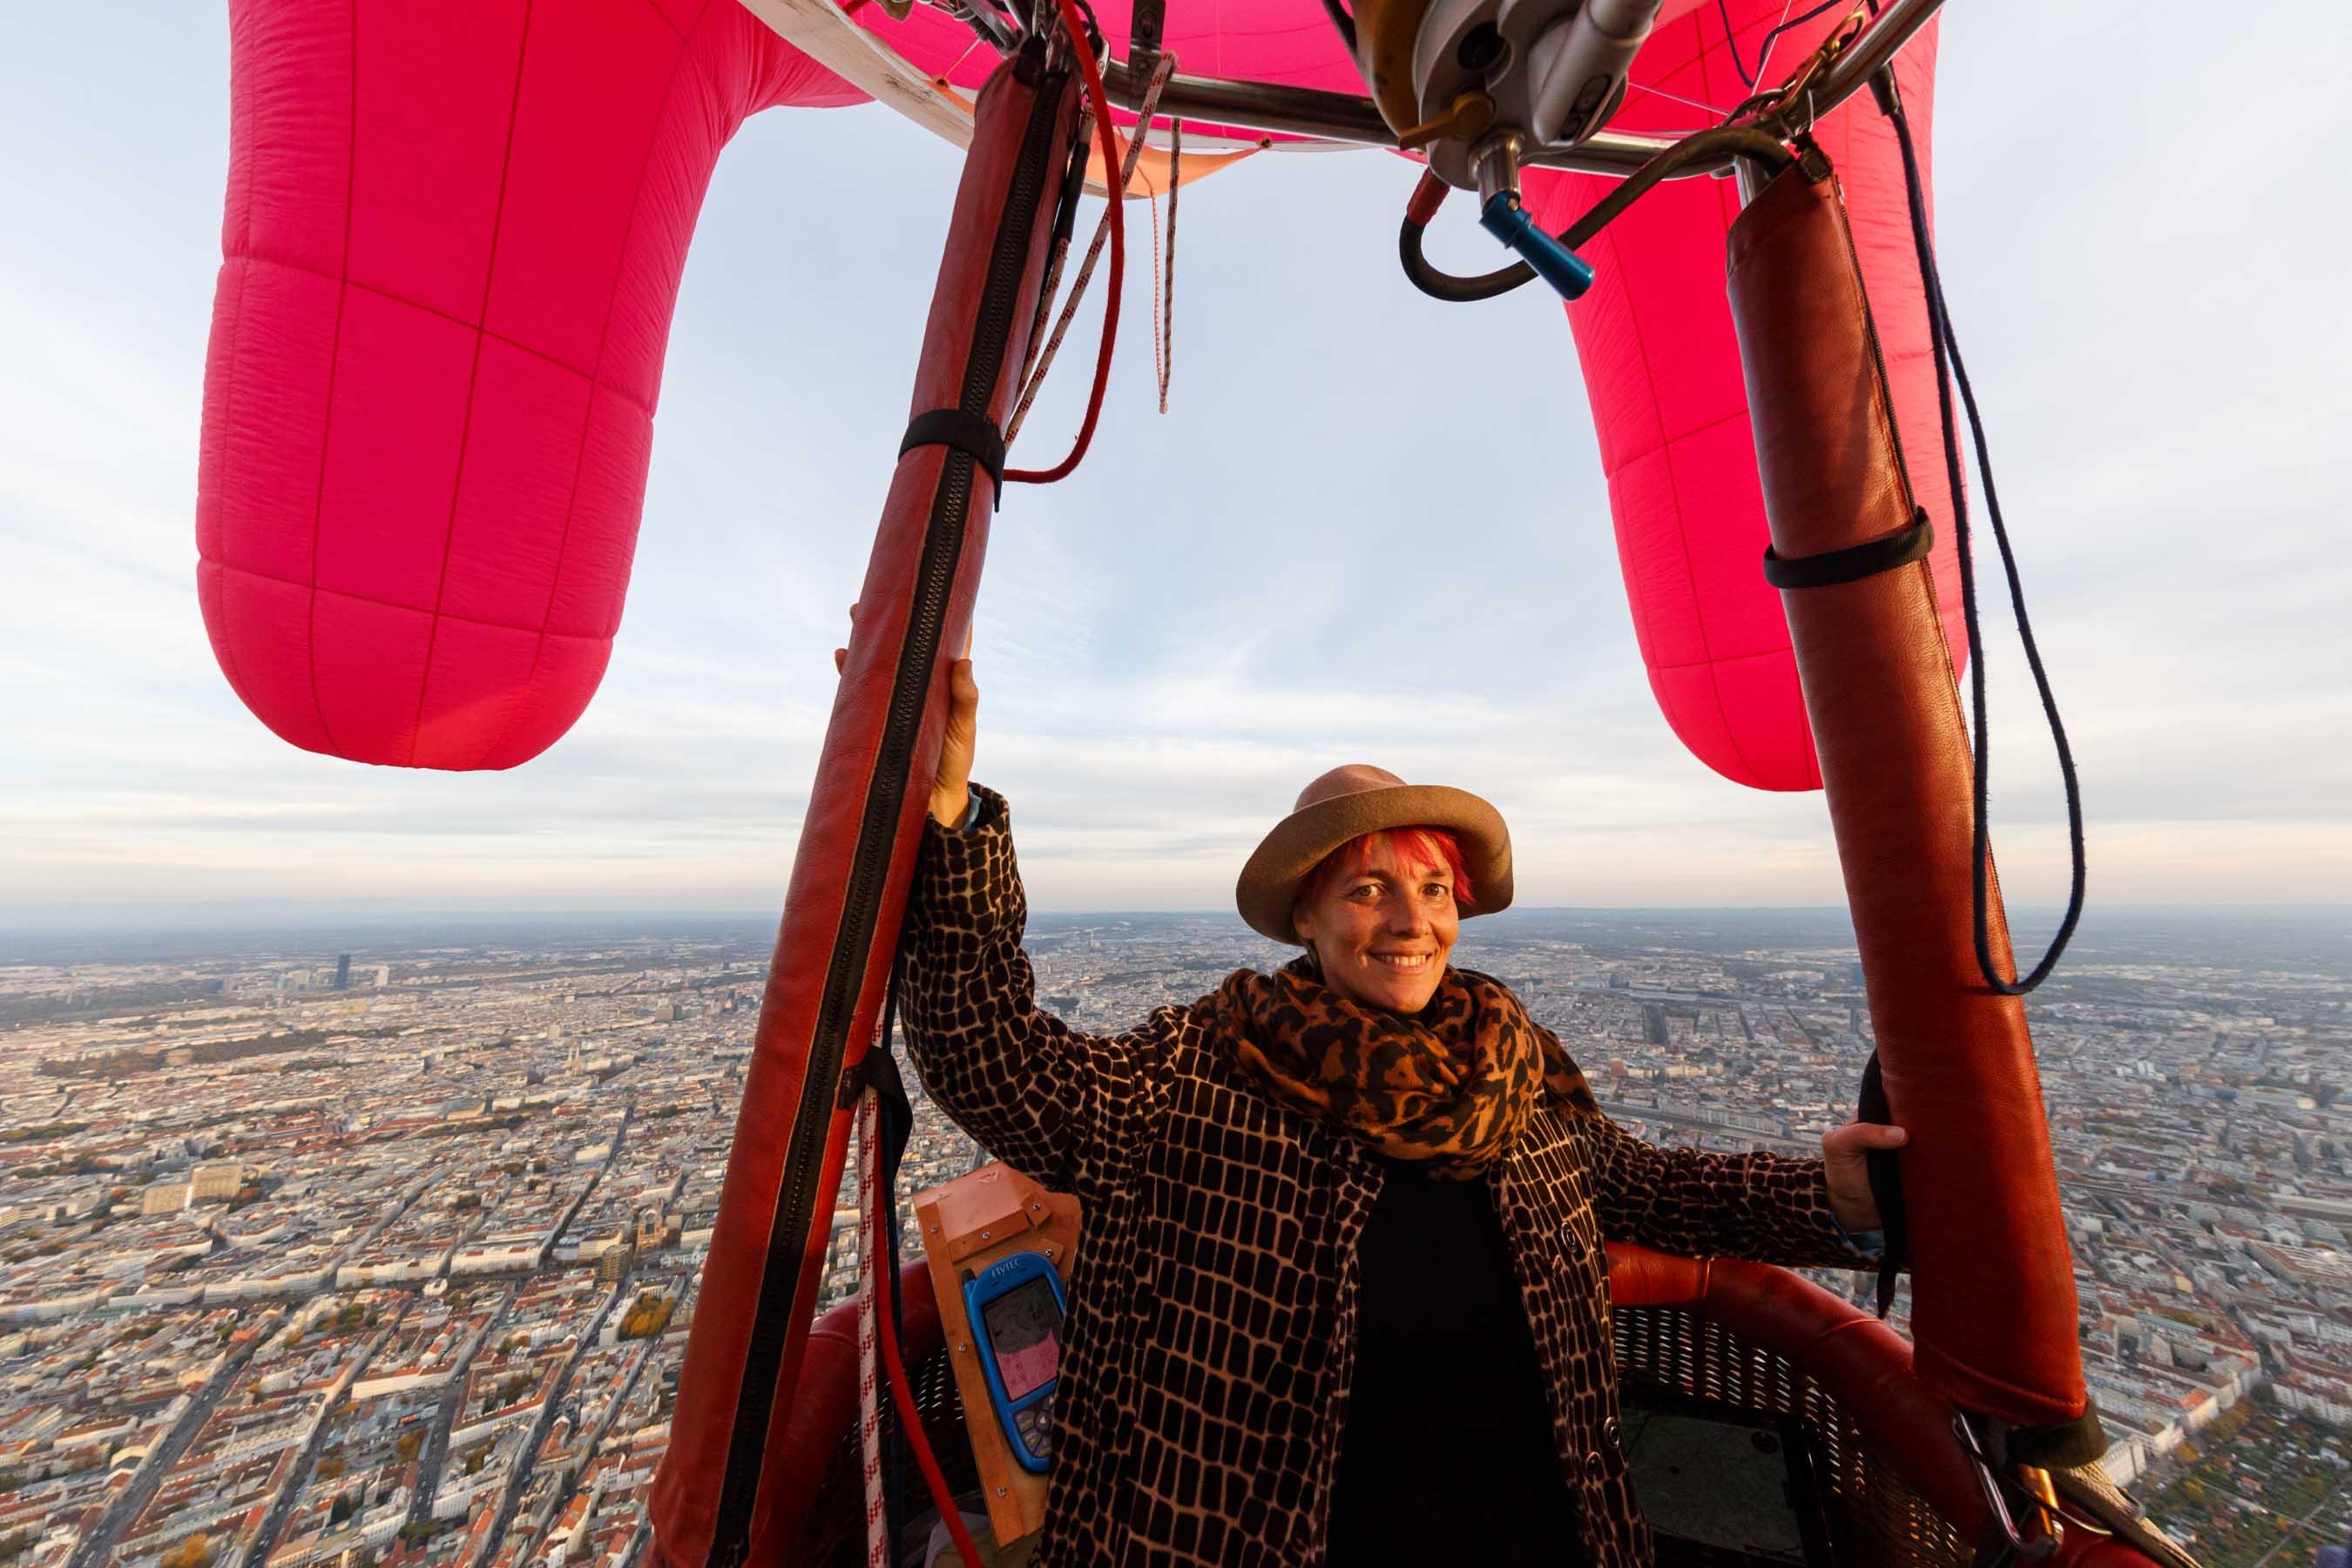 Barbara Anna Husar in her Flying Udder above Vienna